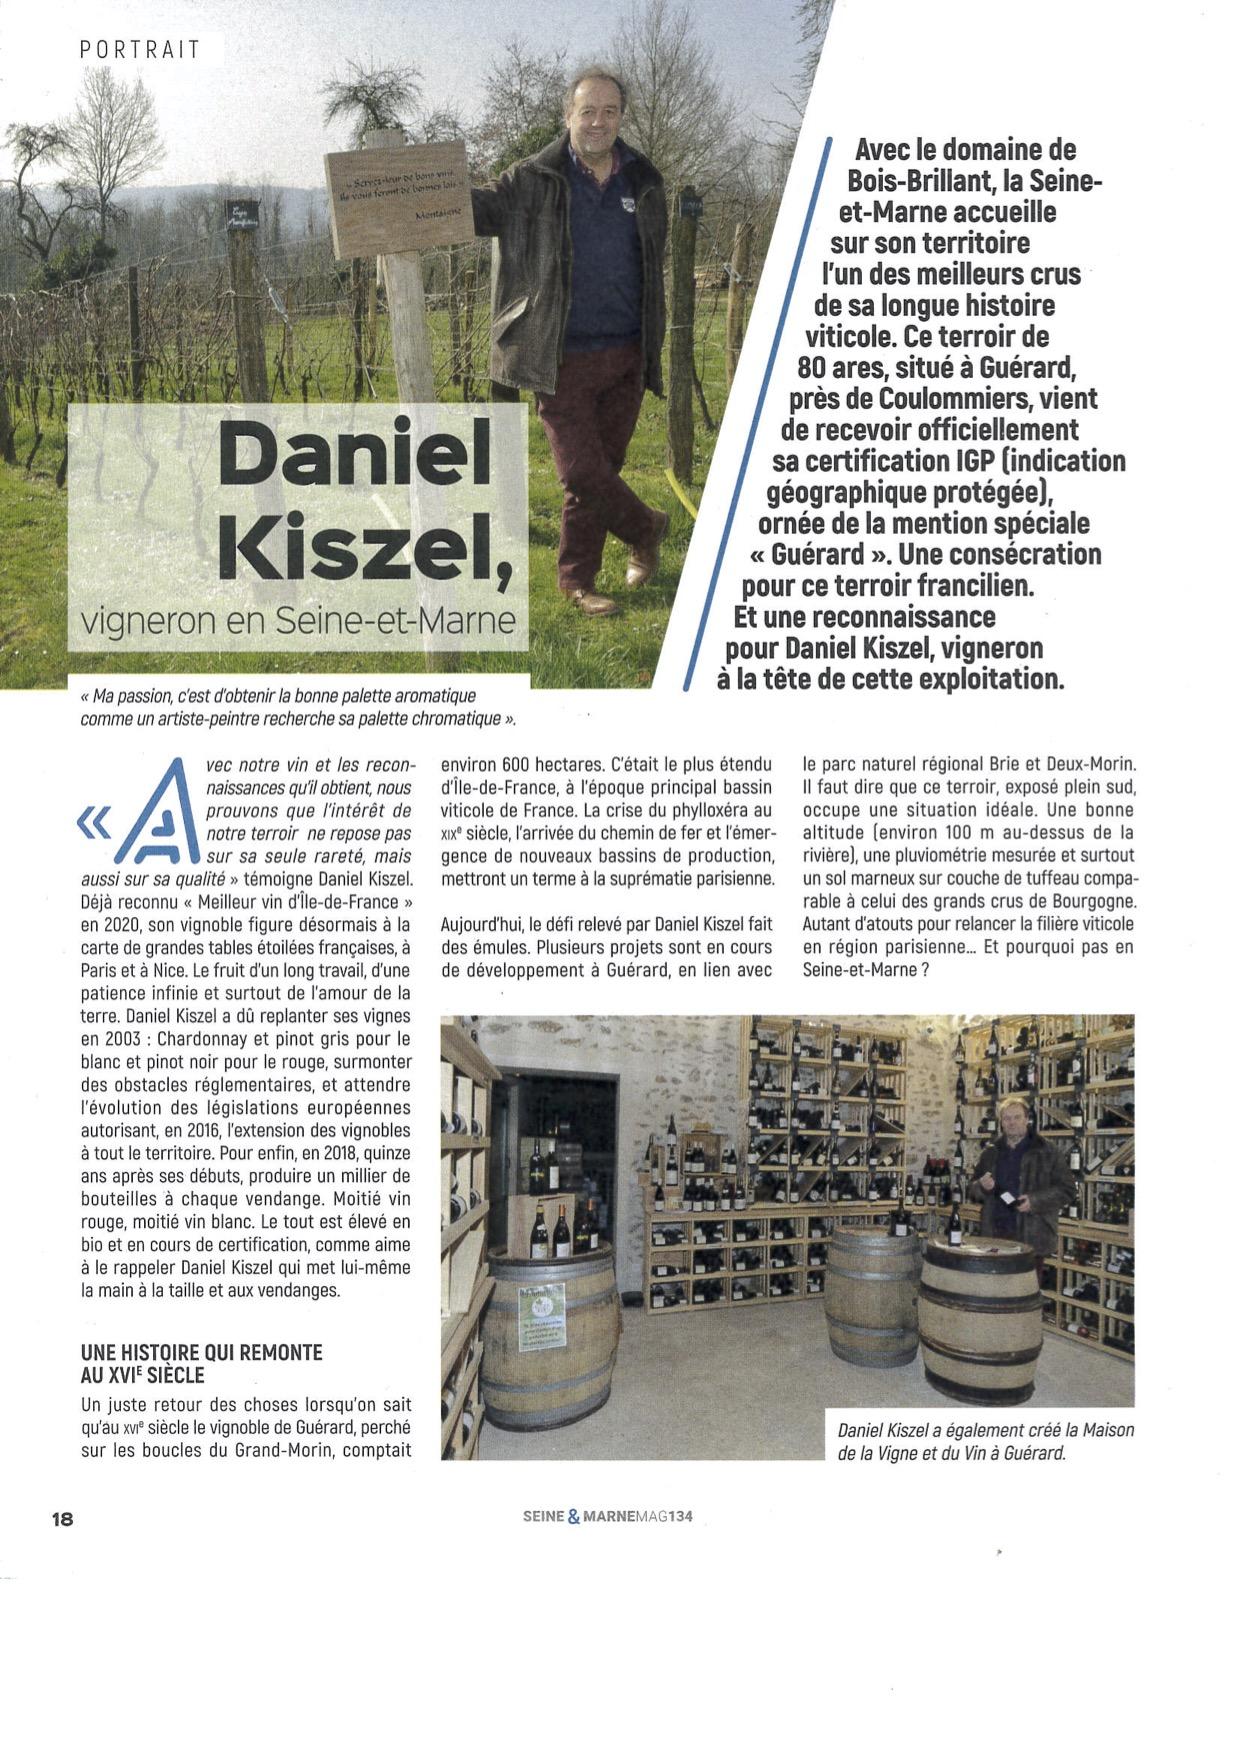 Read more about the article Daniel Kiszel, Vigneron en Seine-et-Marne